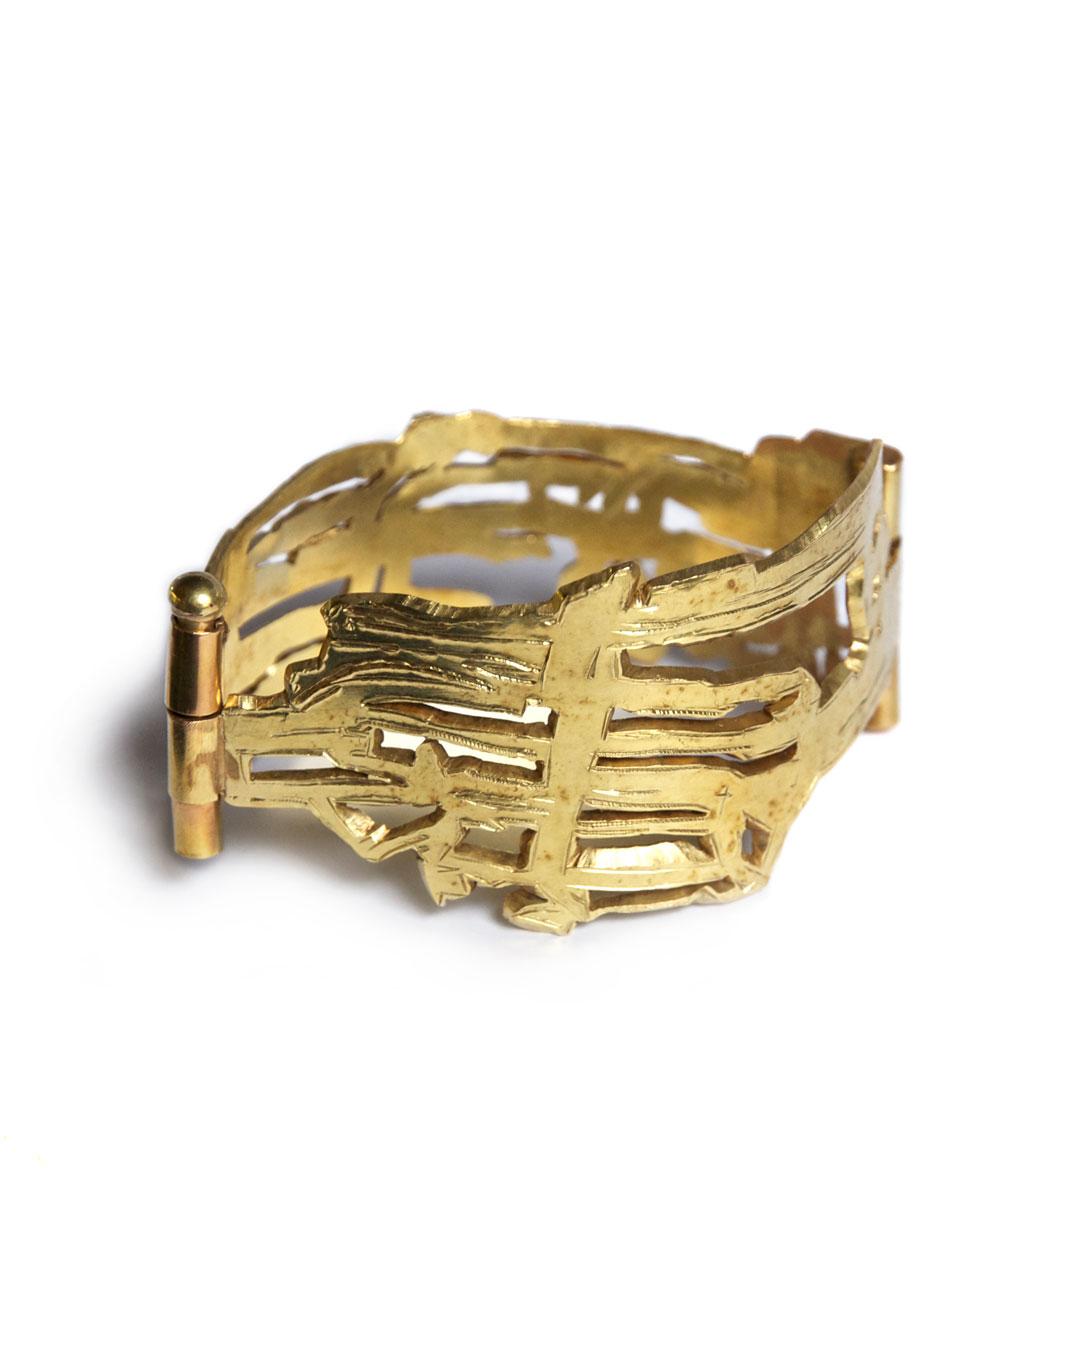 Rudolf Kocéa, Bündel (Bundels), 2004, armband; 14 kt goud, 40 x 78 x 54 mm, €9500